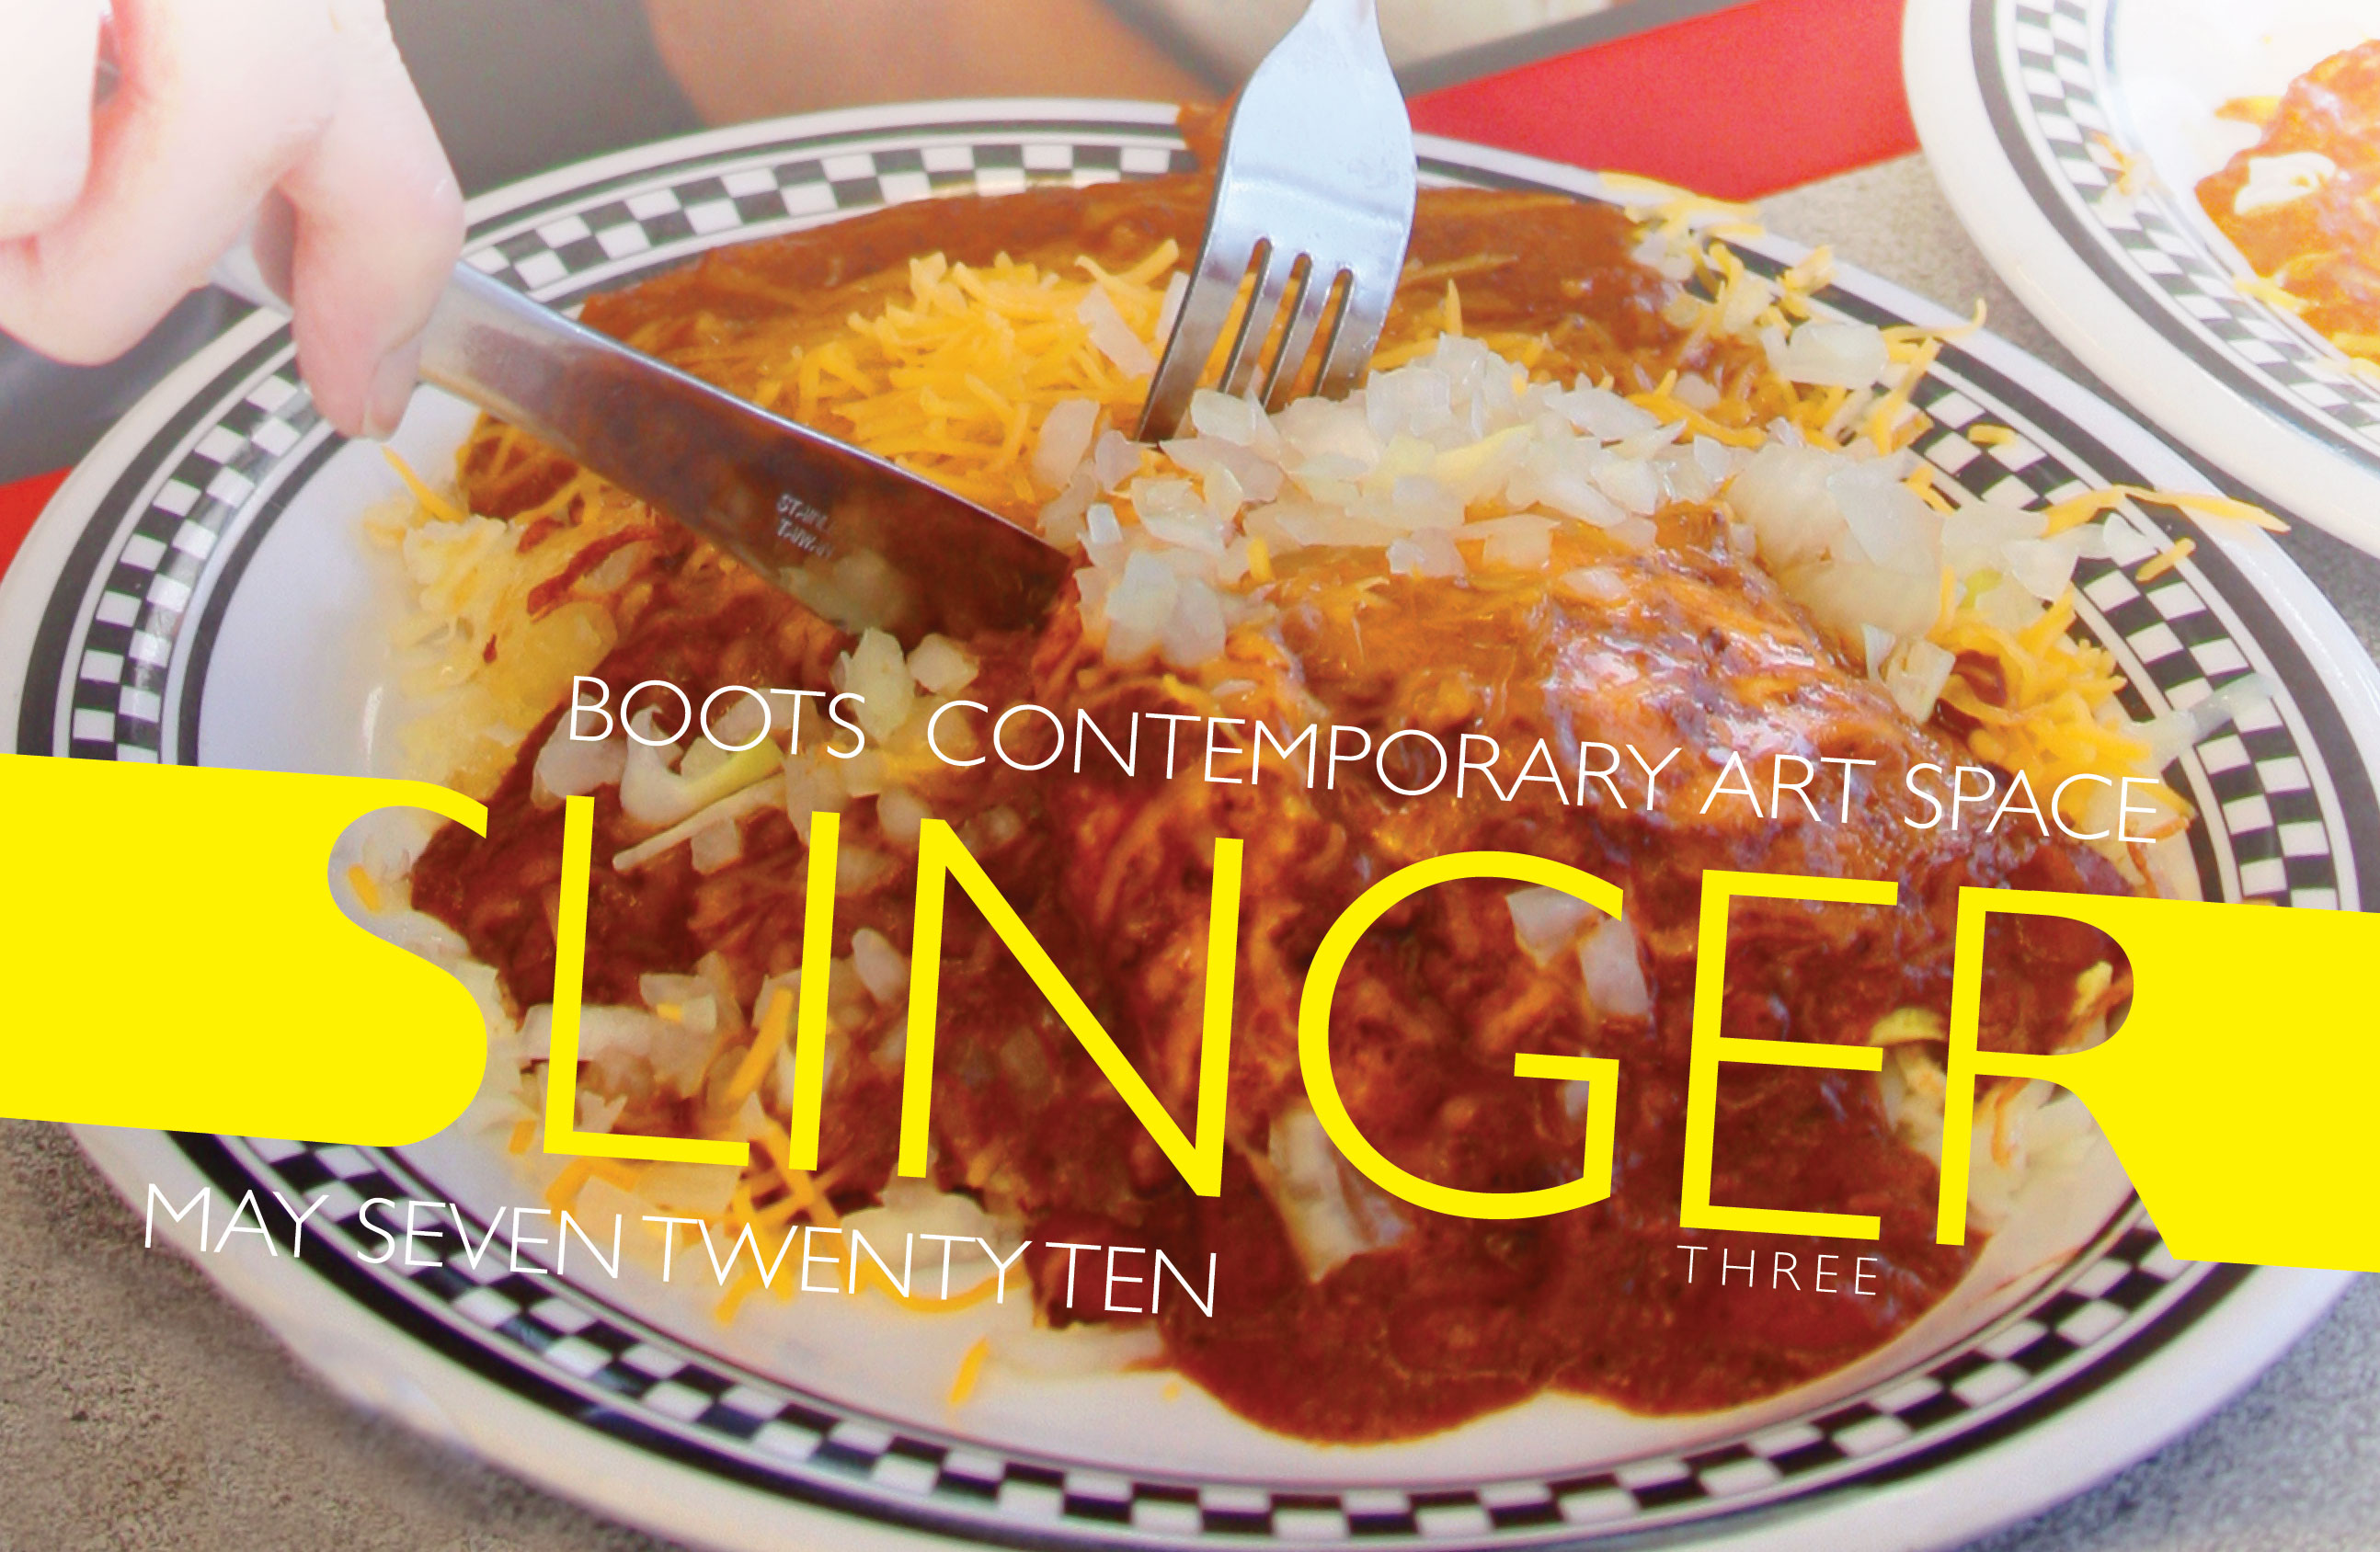 Slinger_Front_3-1-copy